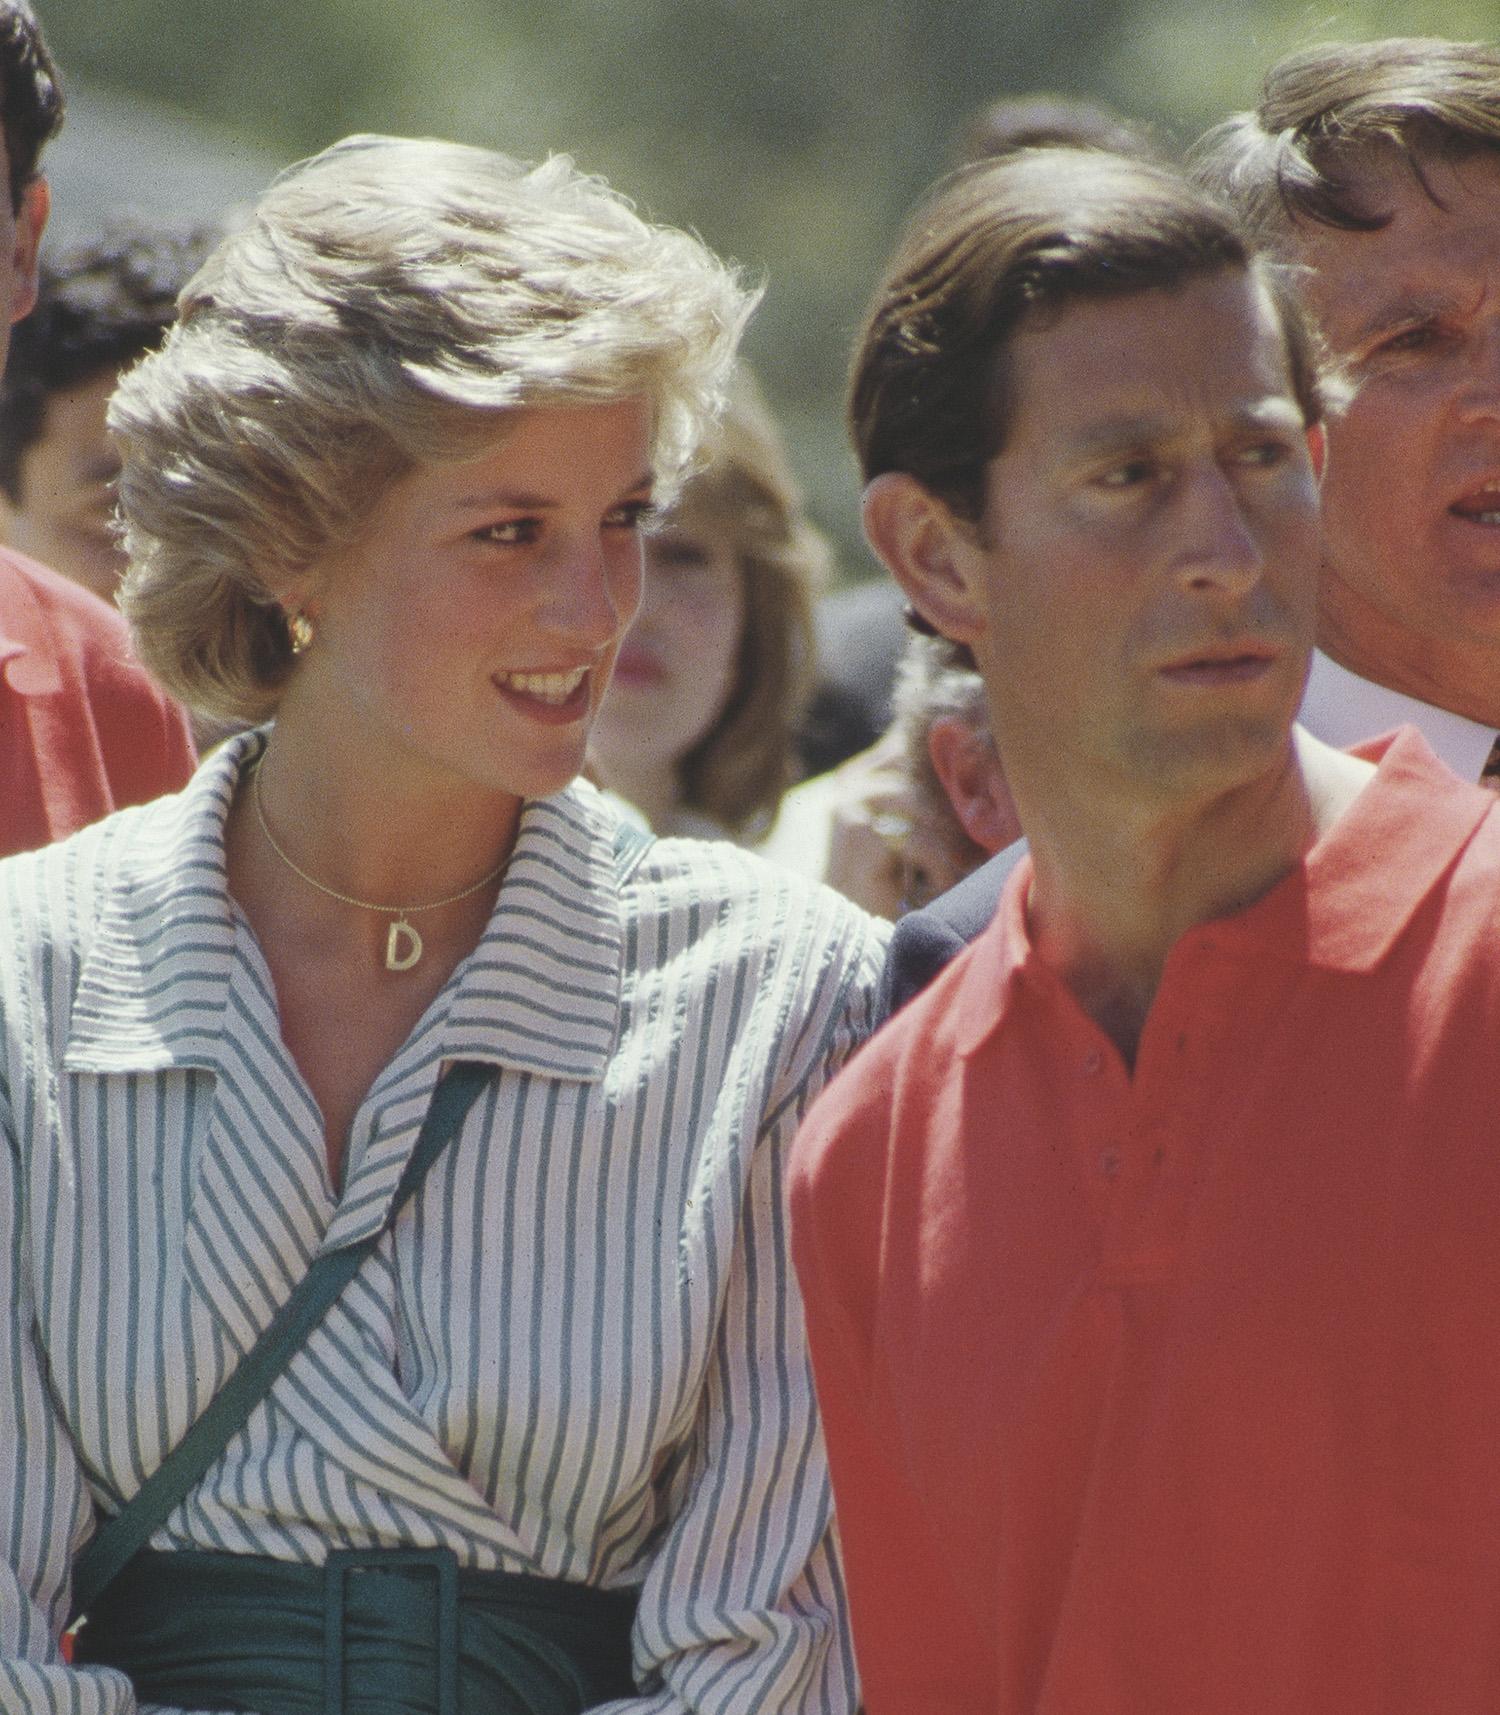 Diana hercegnő D betűs medállal díszített nyaklánccal, 1985-ben